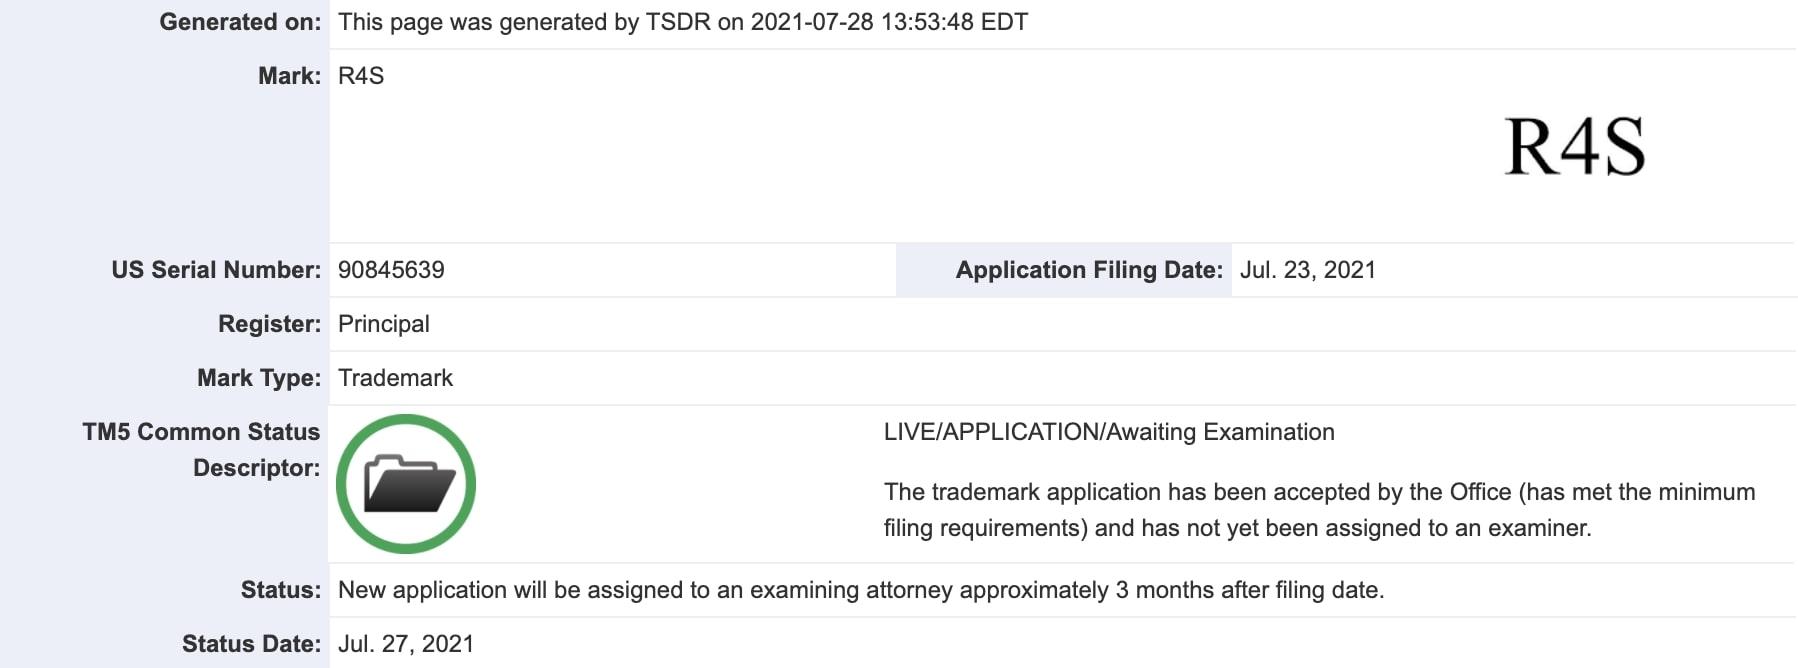 rivian-r4s-trademark-filing